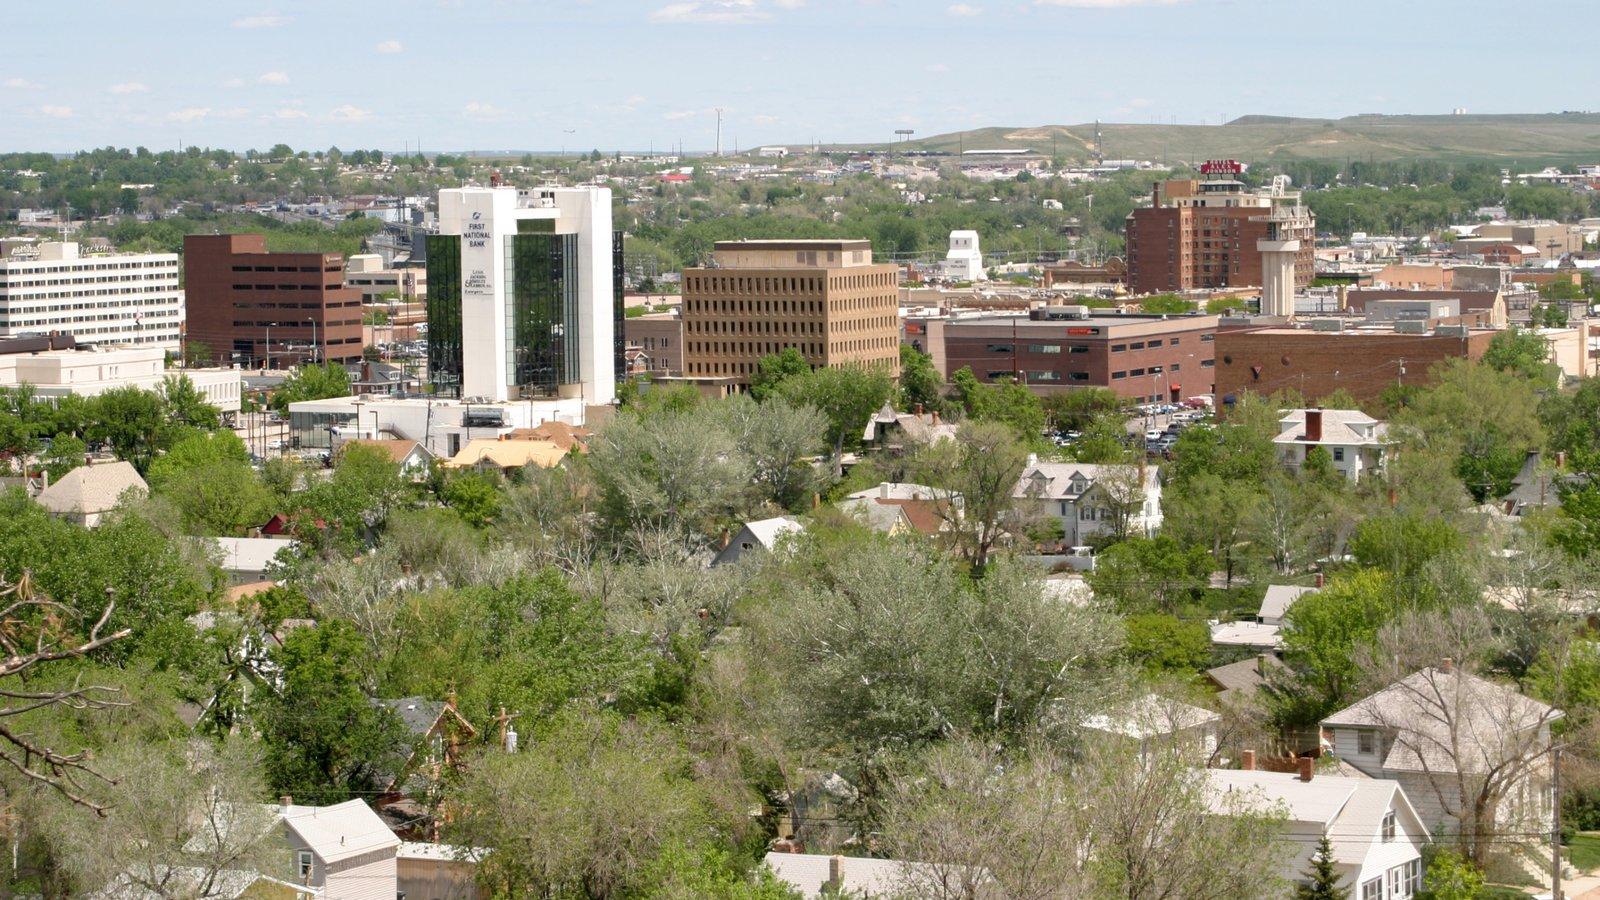 Rapid City mostrando uma cidade e paisagem